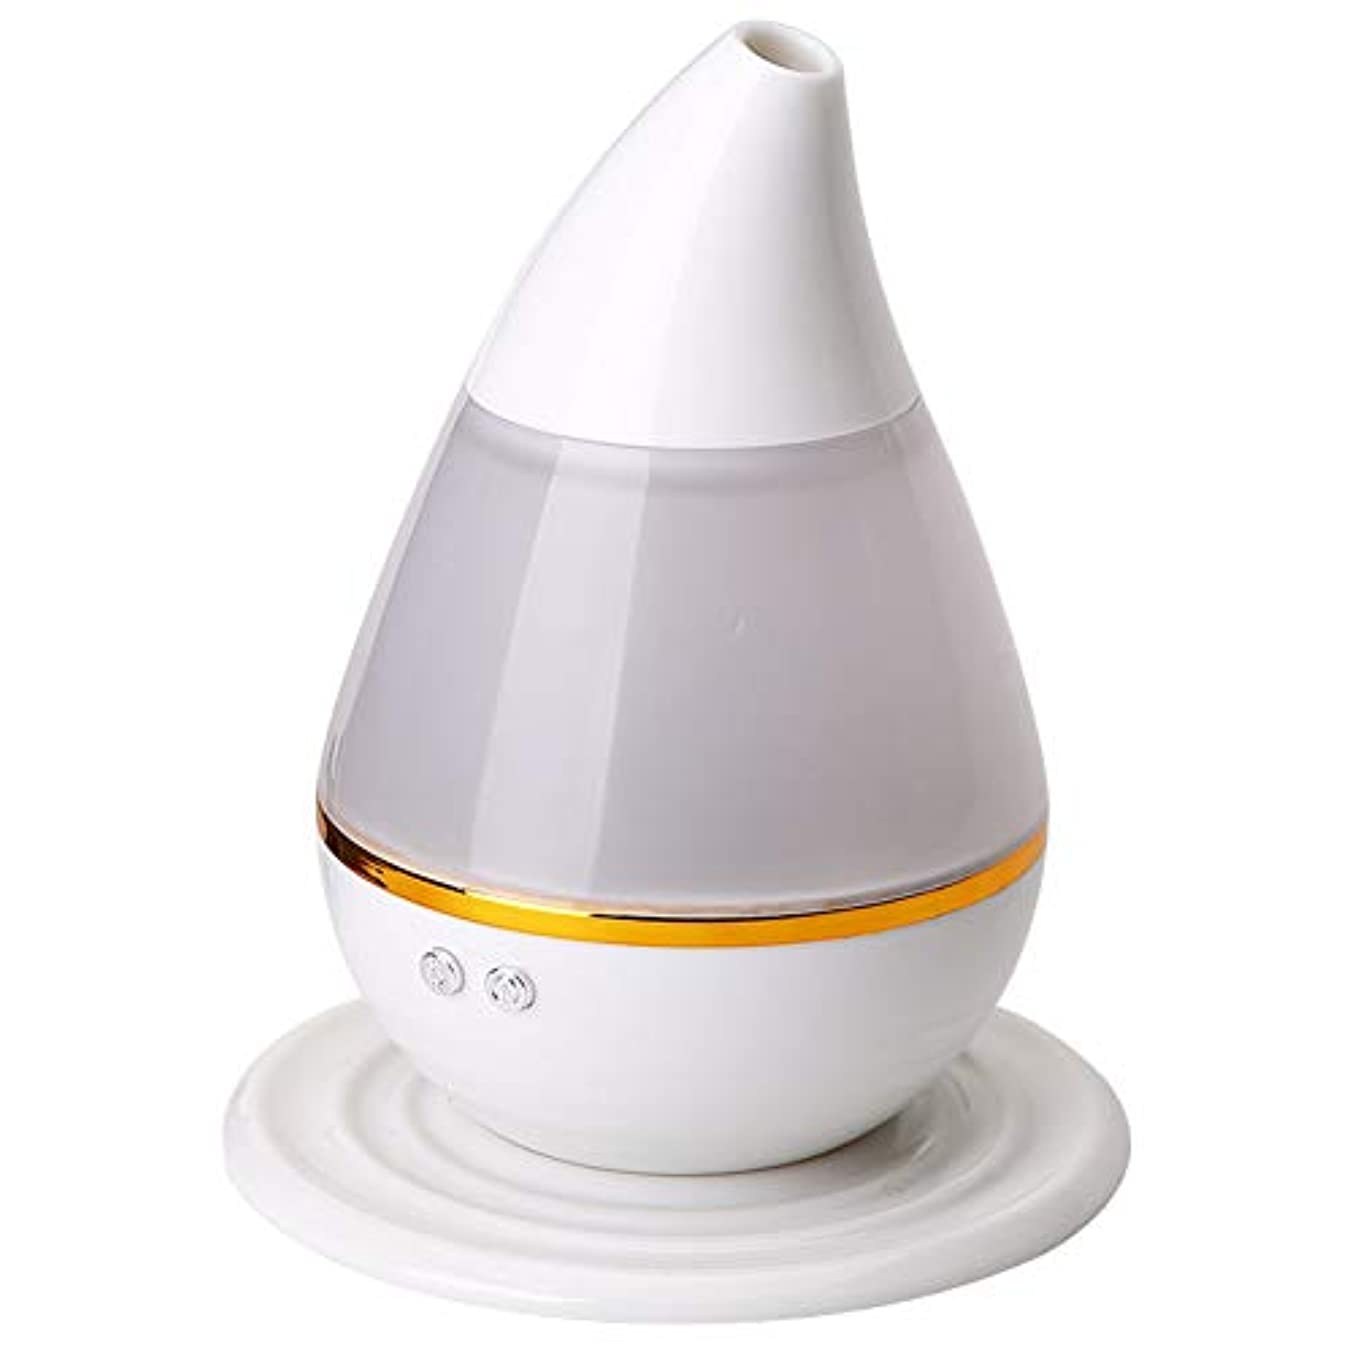 勢いほとんどの場合ぶどうエッセンシャル オイル ディフューザー, 涼しい霧の加湿器 7色LEDムードランプ そして 自動シャットオフ アロマディフューザー の ホーム オフィス Yoga 車-ホワイト 12x15cm